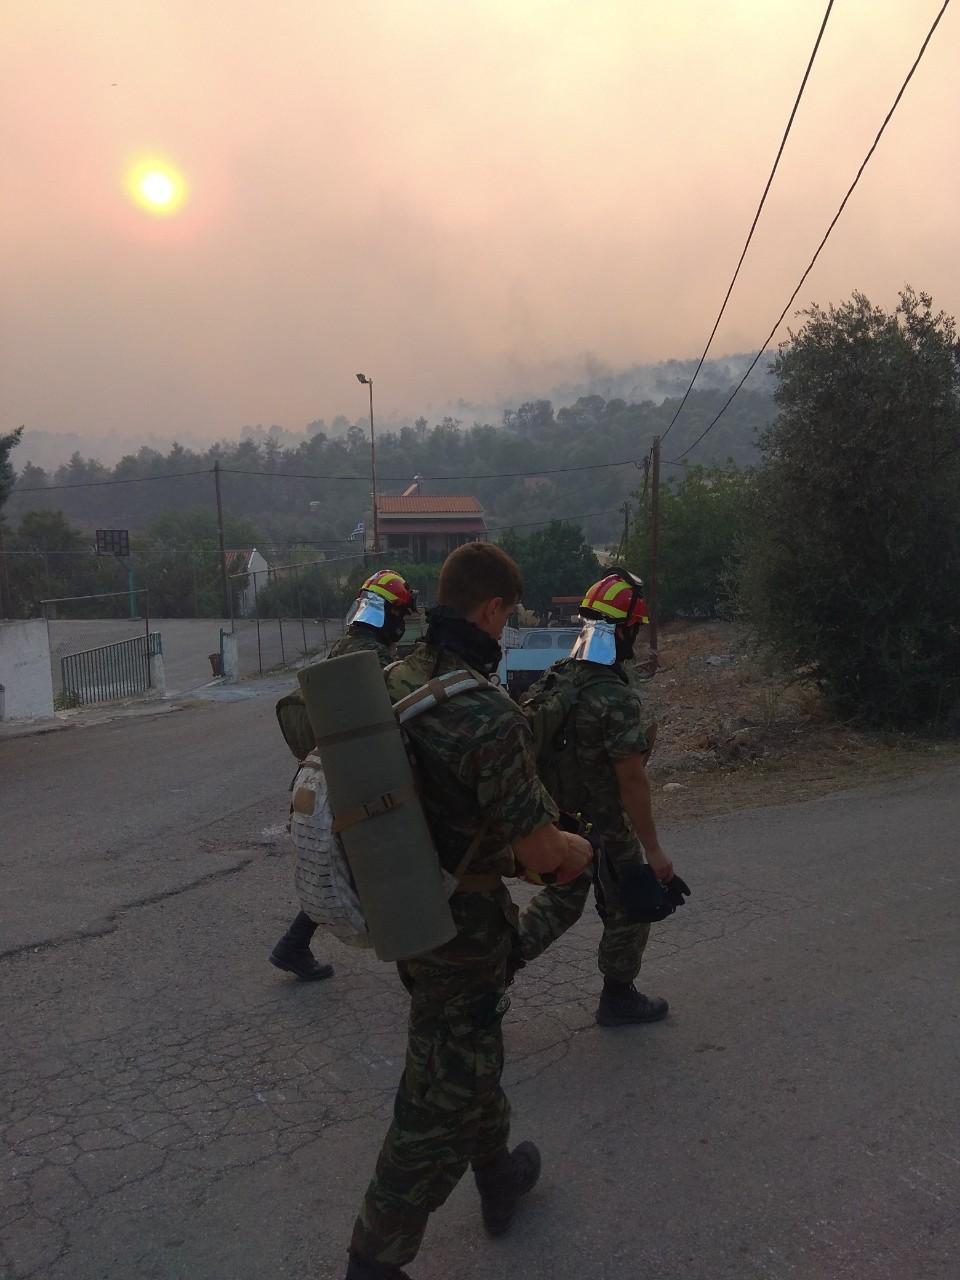 Η καθοριστική συμβολή του Στρατού Ξηράς στη μάχη με τις φλόγες στην Εύβοια..ΕΙΚΟΝΕΣ